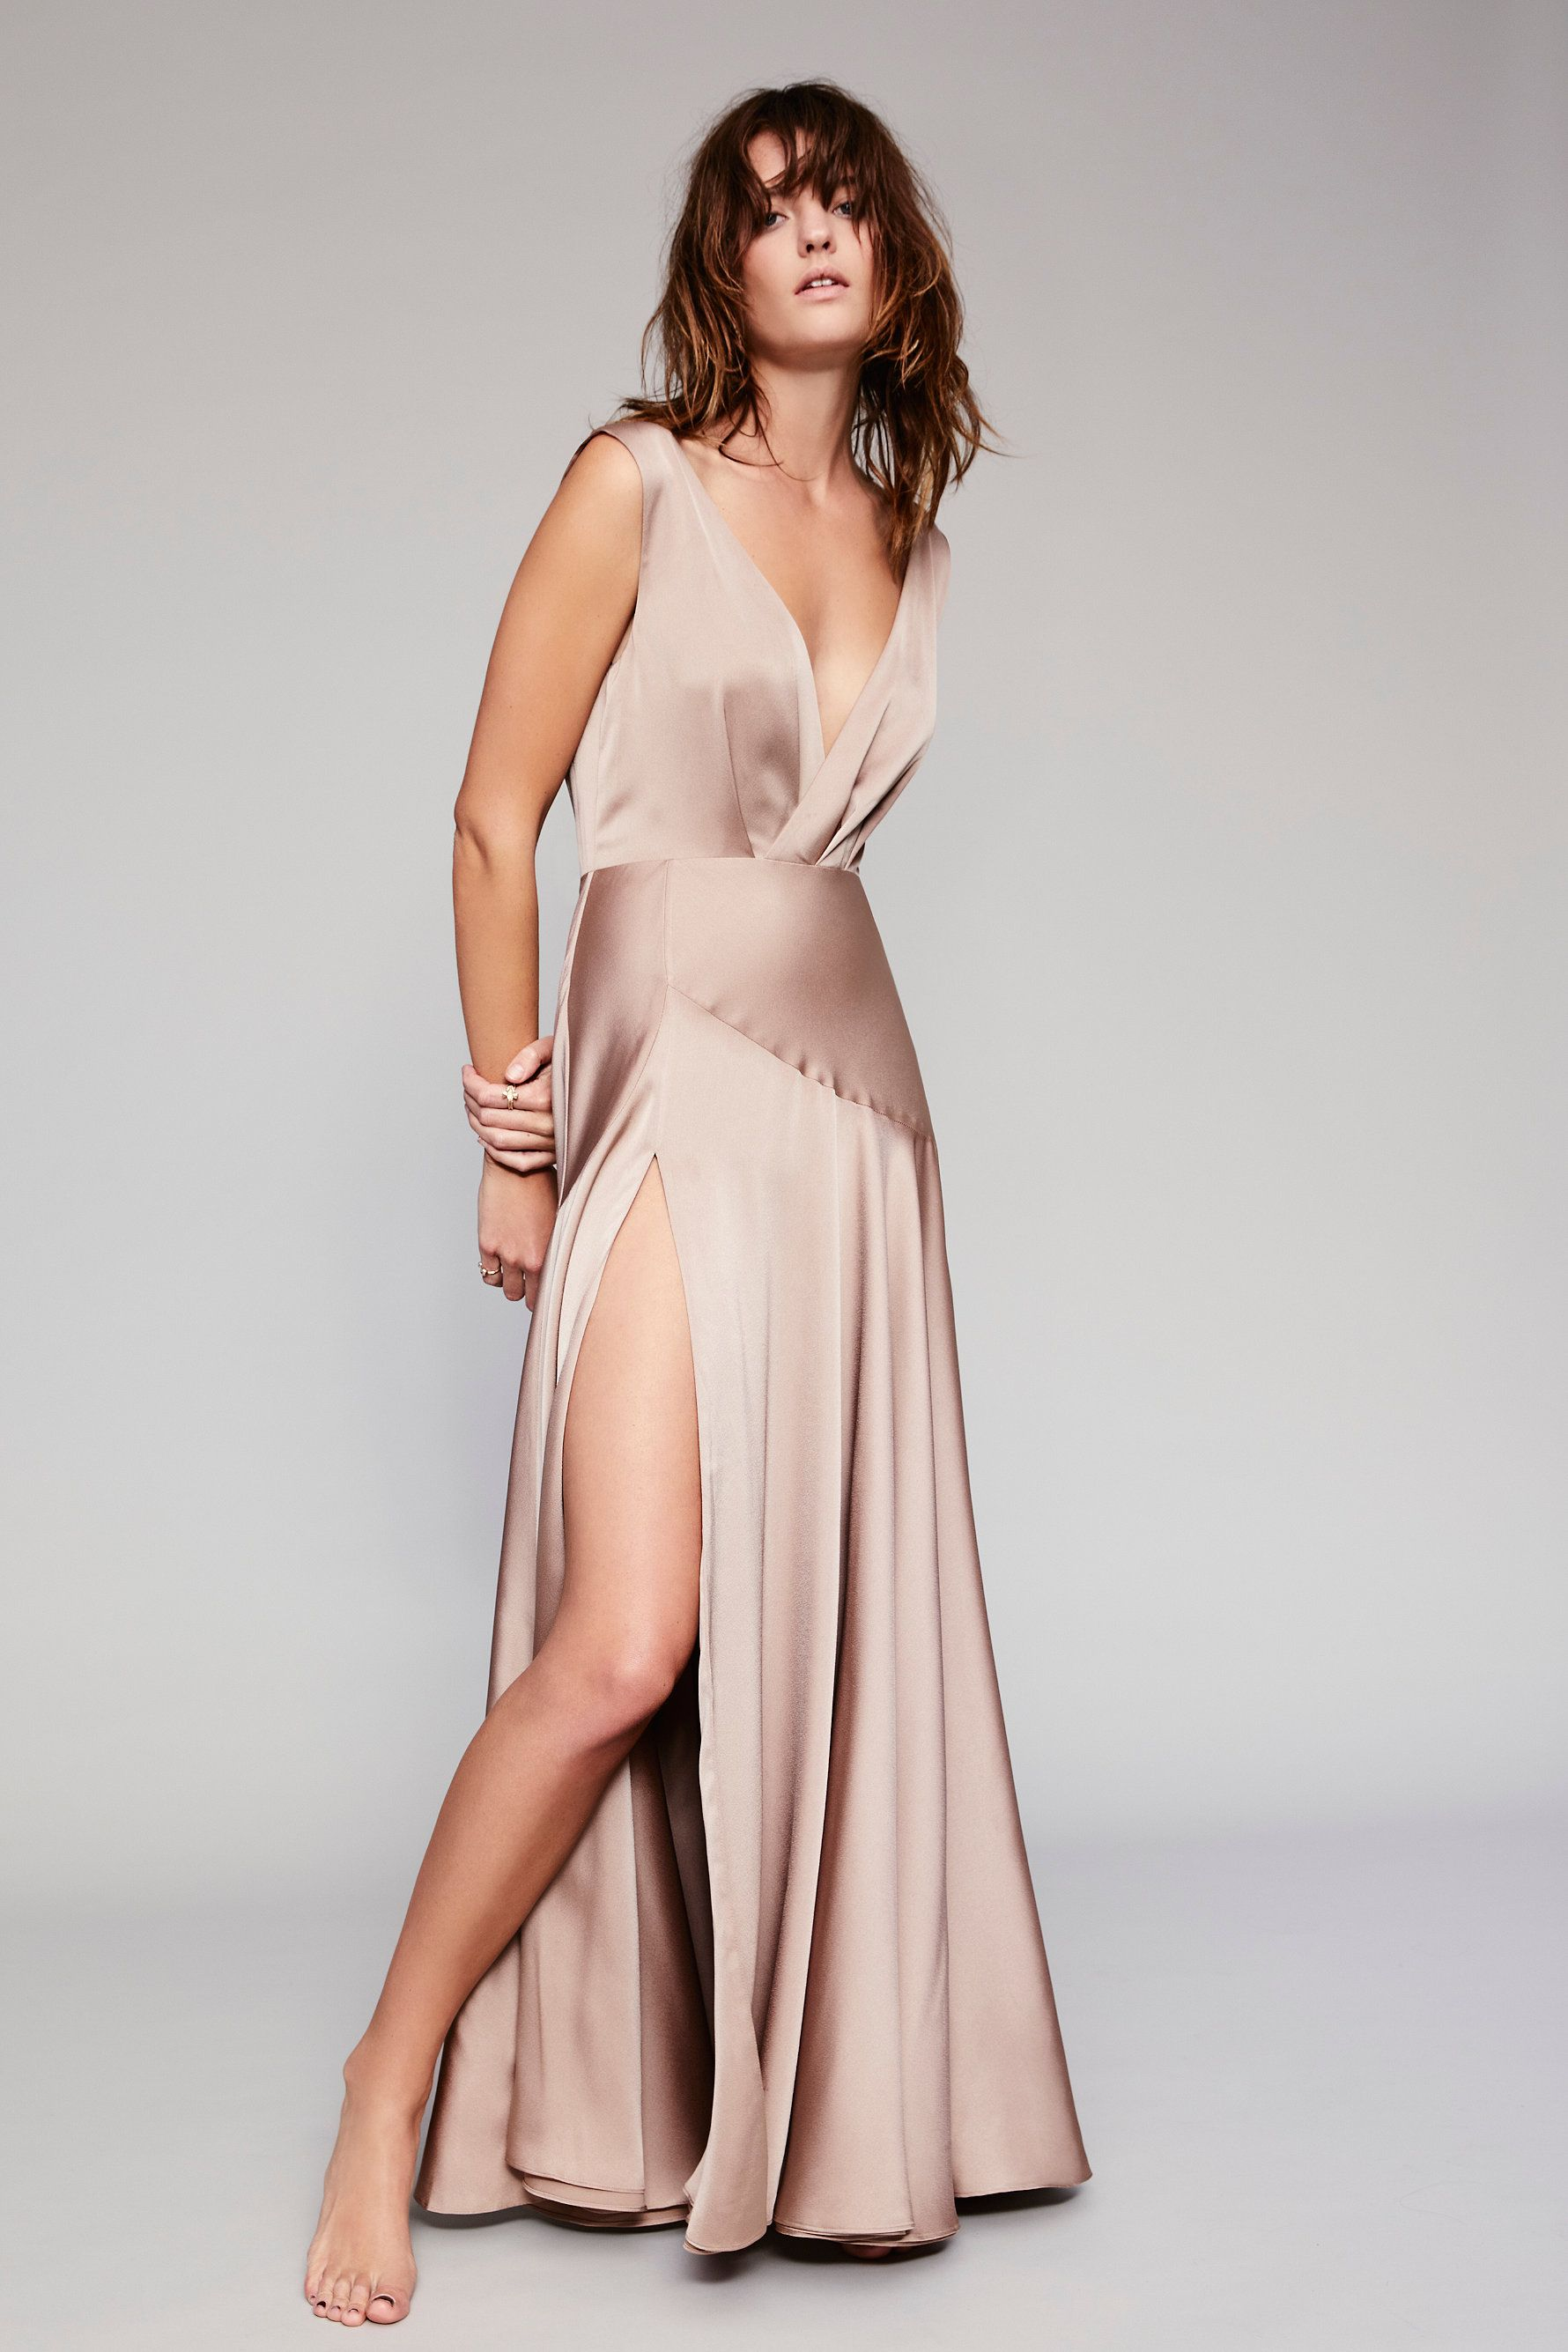 Essie Maxi Dress Fame And Partners Dark Tan Maxi Dress [ 2670 x 1780 Pixel ]